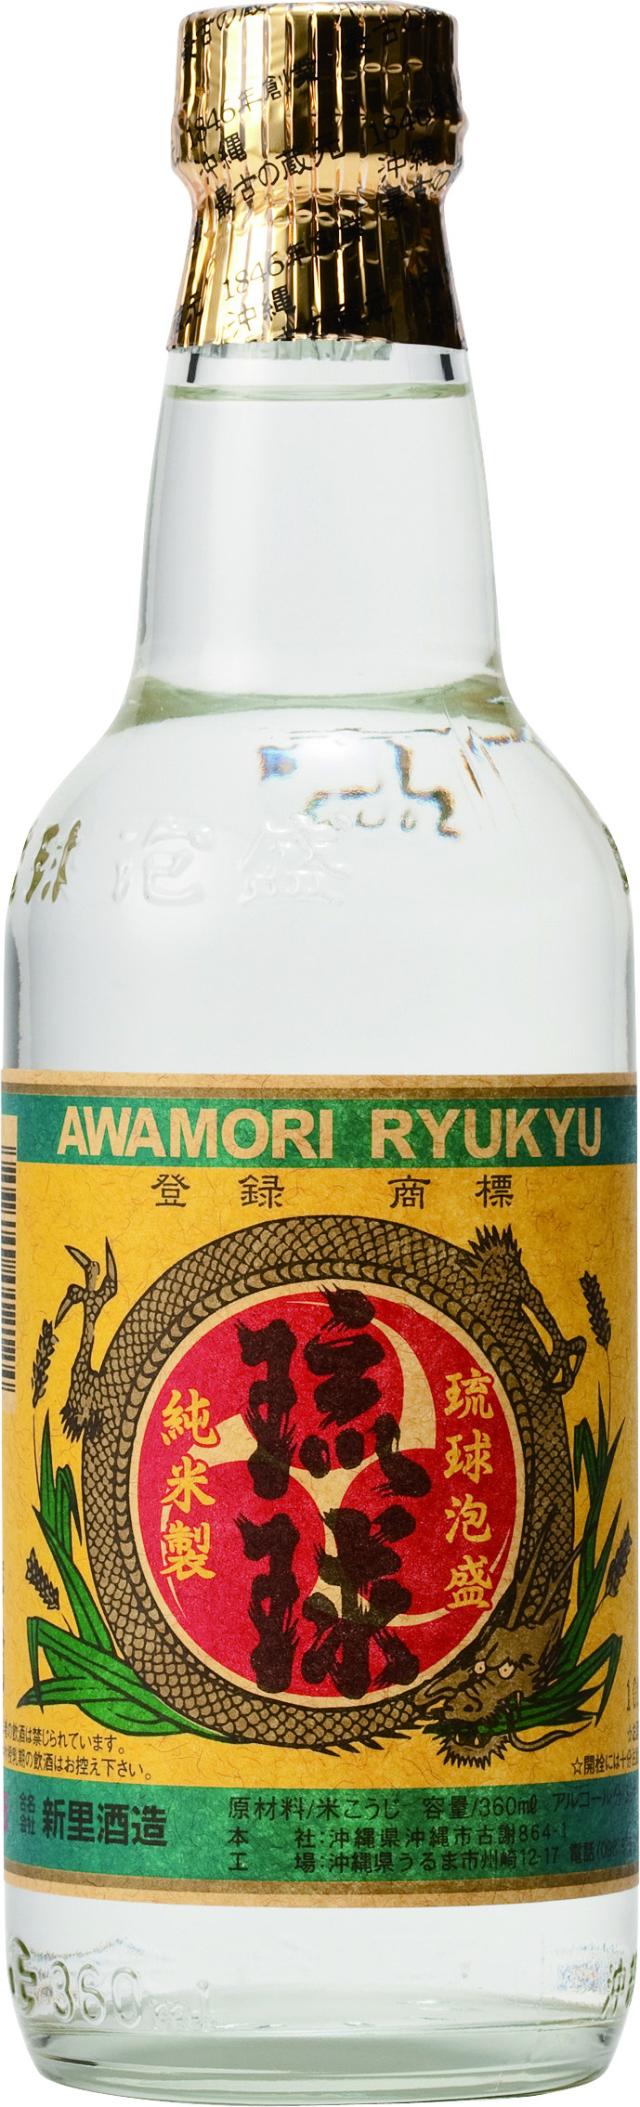 新里酒造 琉球 30度 360ml